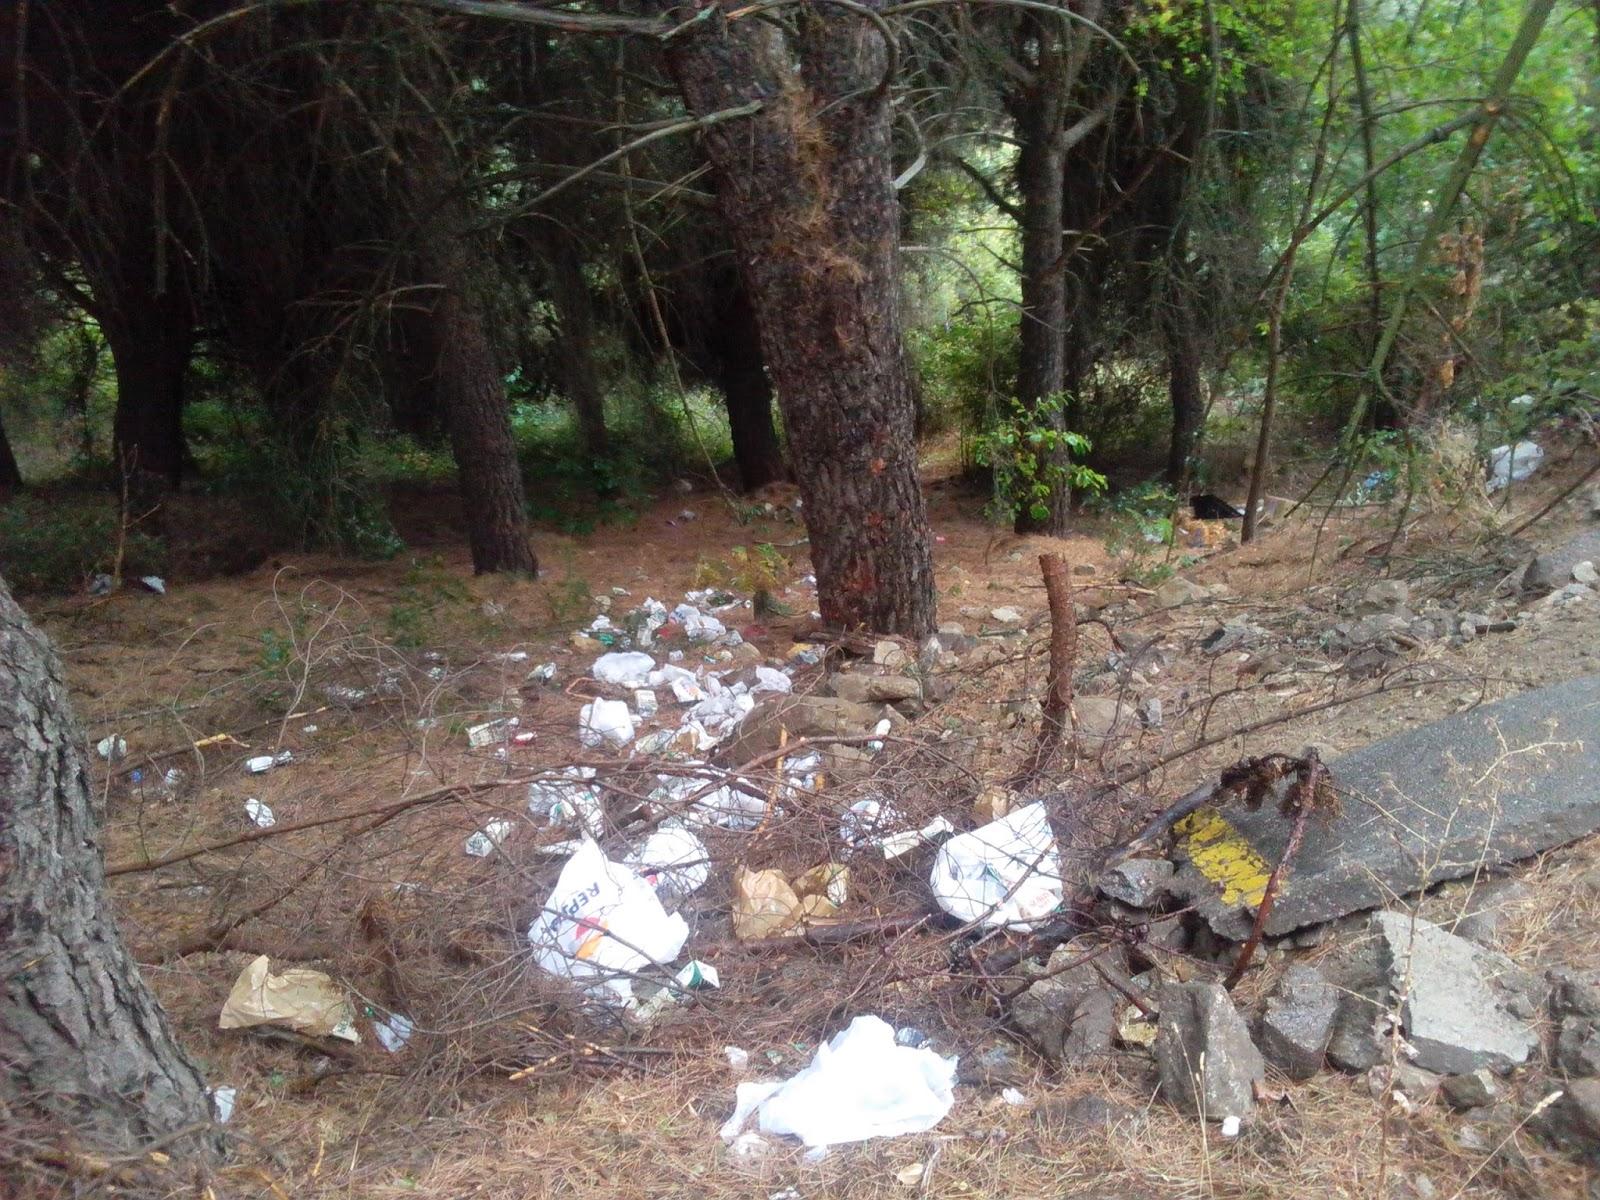 basuras en la zona de los pinos